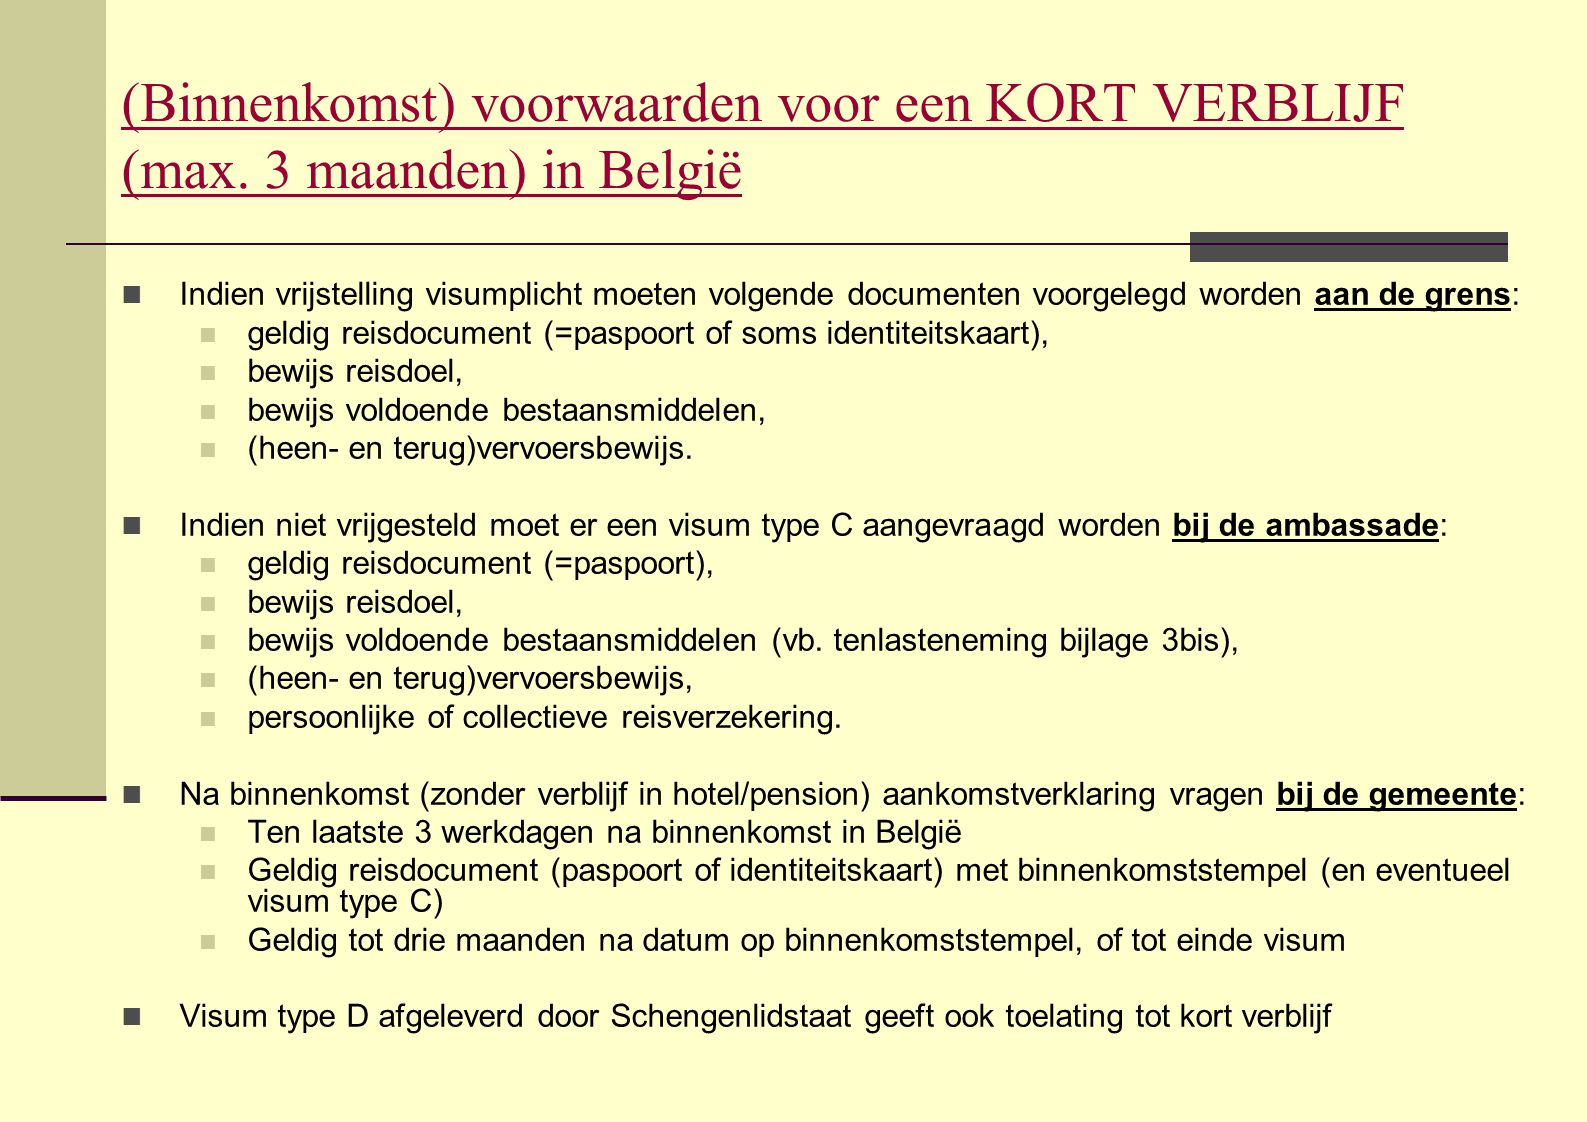  Tijdelijk verblijfsdocument voor derdelanders in afwachting van definitieve beslissing:  DERDELANDS STUDENTEN (en hun gezinsleden) die nog geen inschrijvingsattest kunnen voorleggen (4 maanden)  GEZINSLEDEN VAN EEN BELG OF UNIEBURGER met aanvraag in België (6 maanden)  GEZINSLEDEN VAN EEN DERDELANDER met aanvraag in België (6(+3+3 maanden).